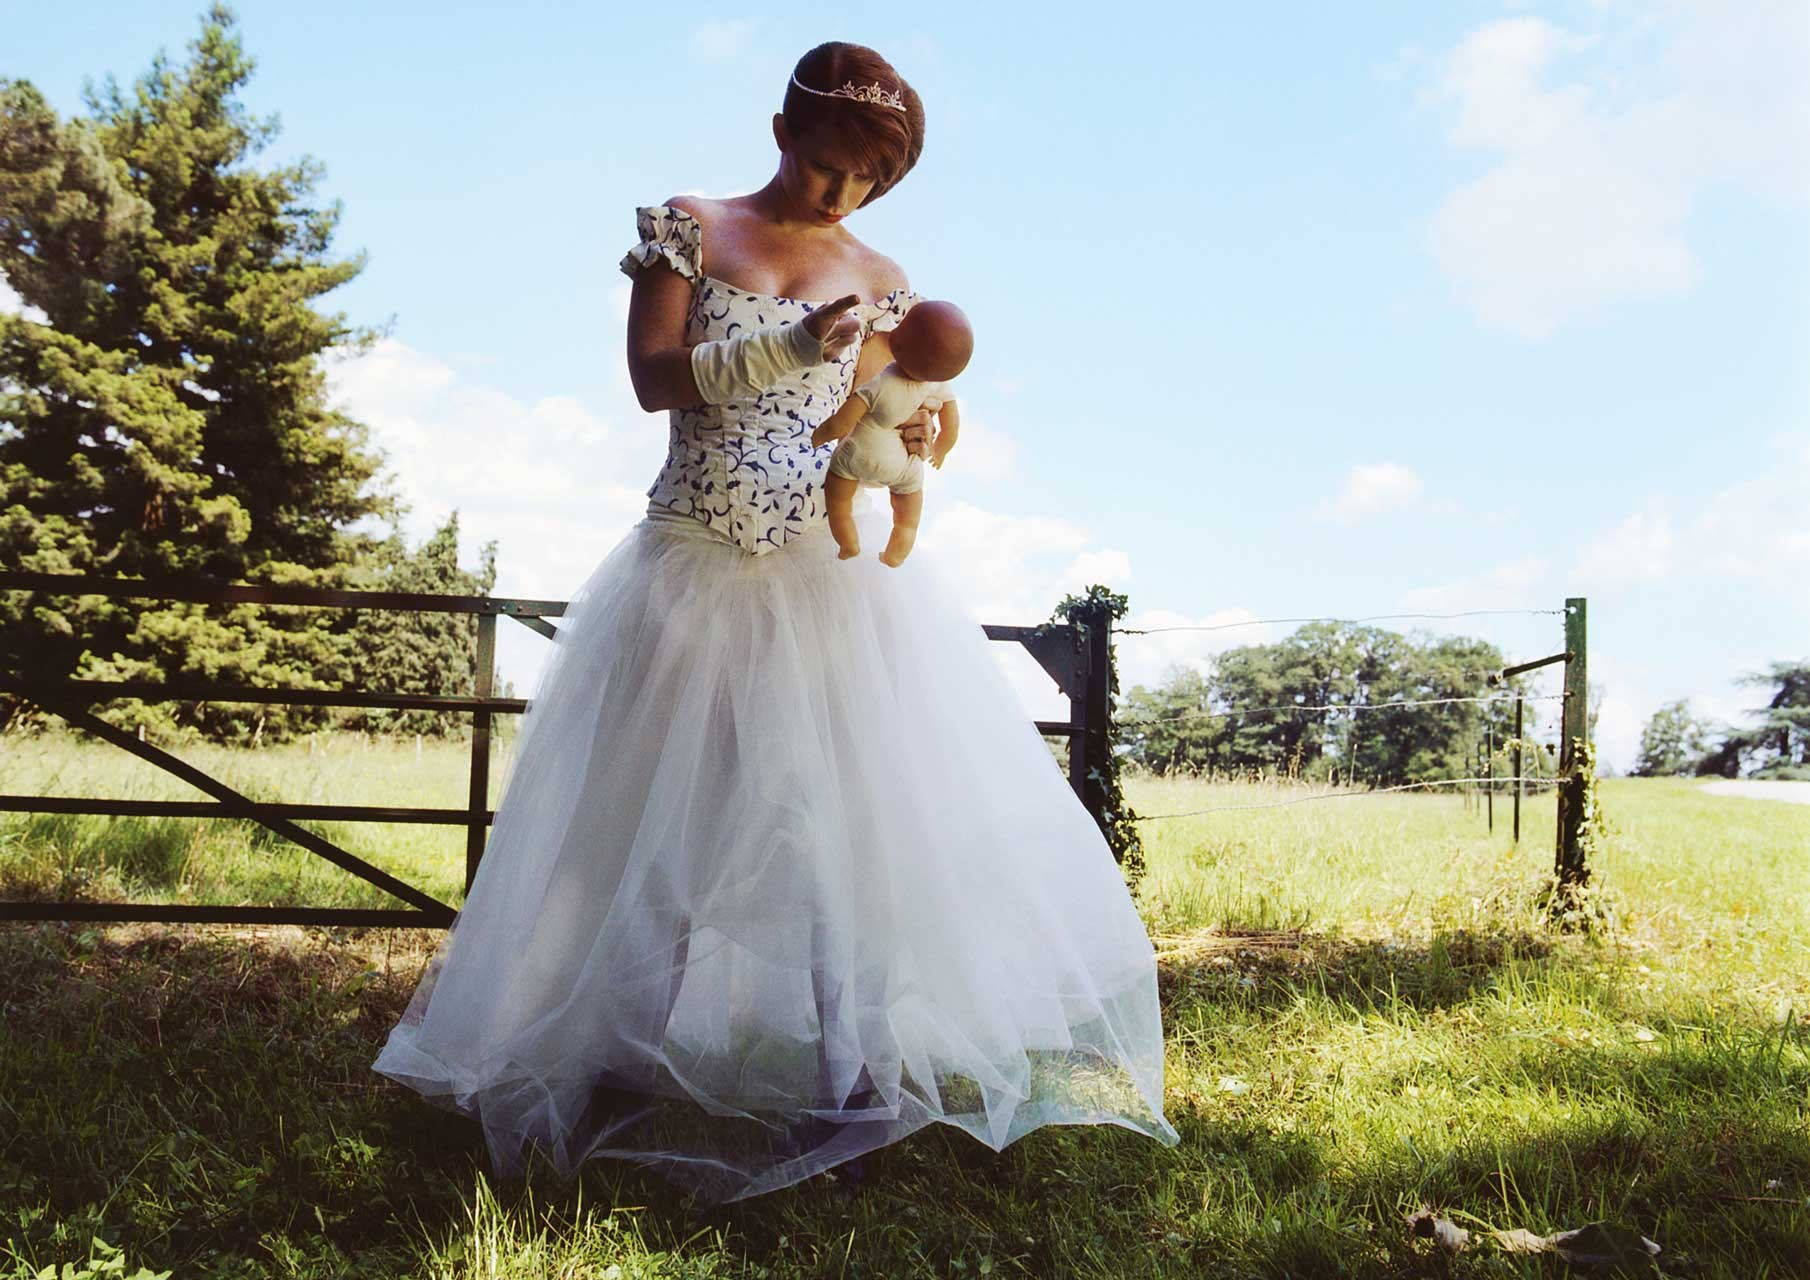 Laure-Maud_14_photographe_mode-ethique-fashion-DIY_100-pour-100-recyle